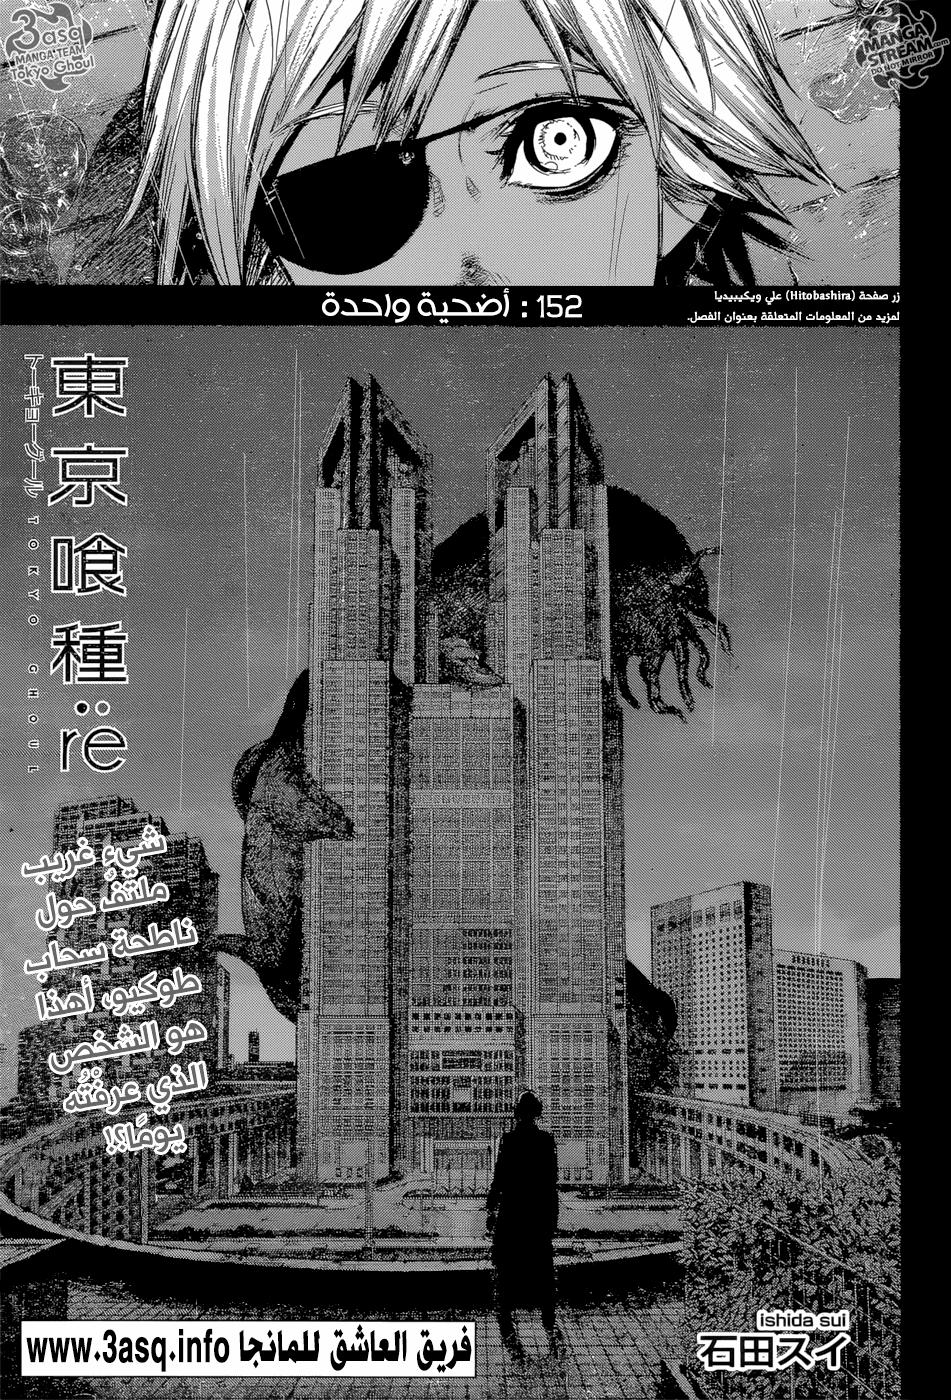 طوكيو غول:ري 152, Tokyo Ghoul:re 152